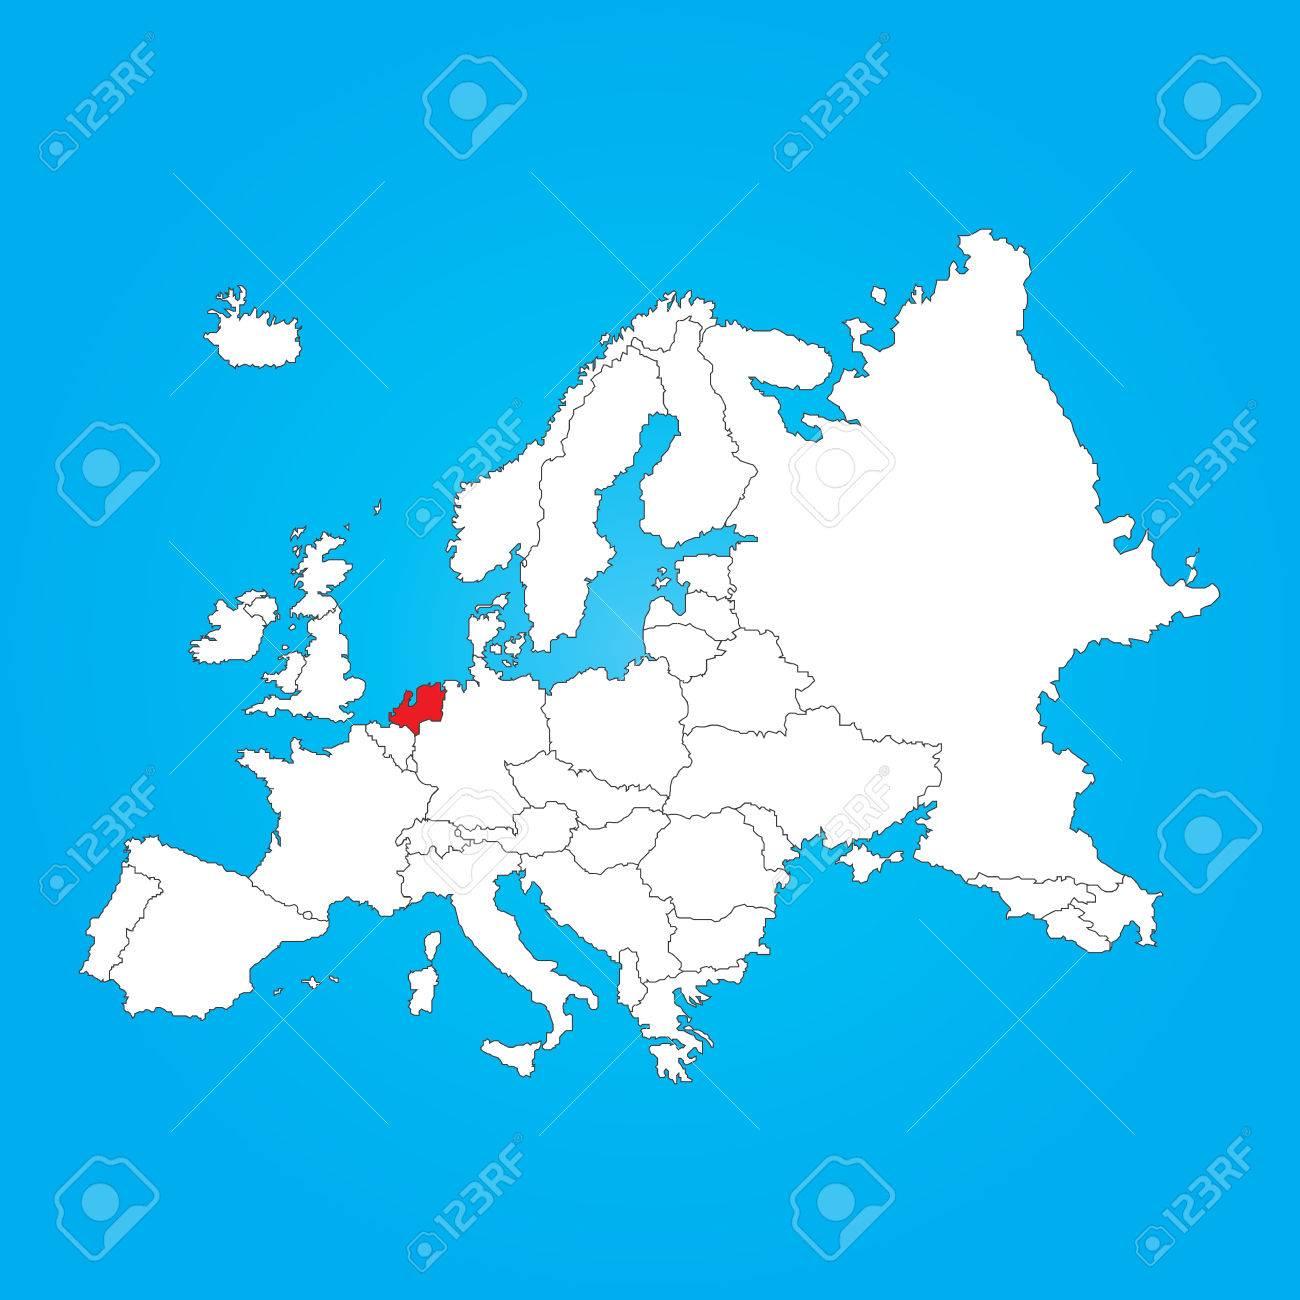 Carte Europe Pays Bas.Une Carte D Europe Avec Un Pays Selectionne De Pays Bas Banque D